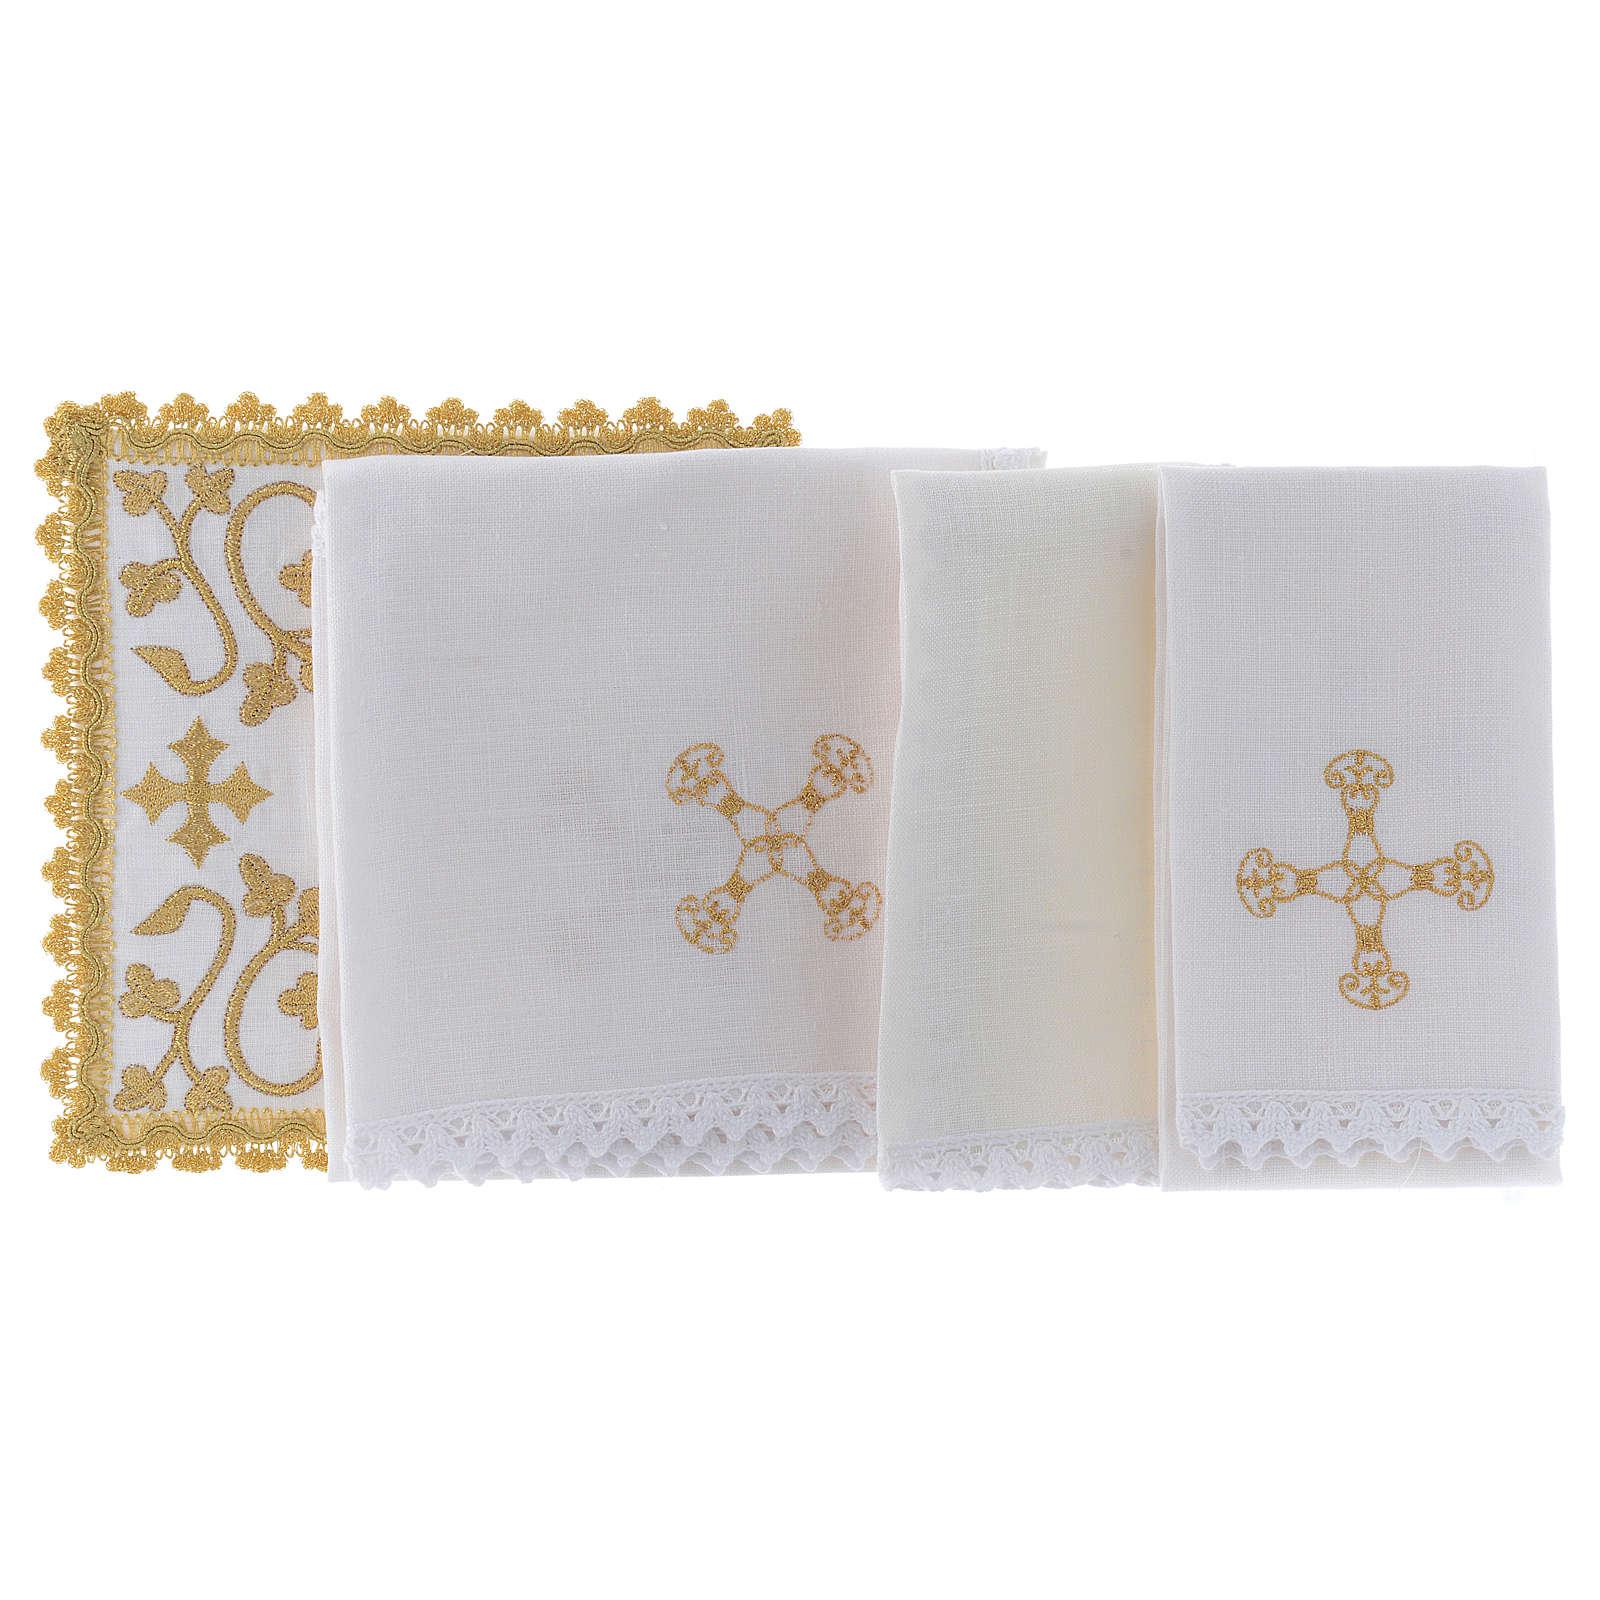 Servizio di lino per altare in oro 4